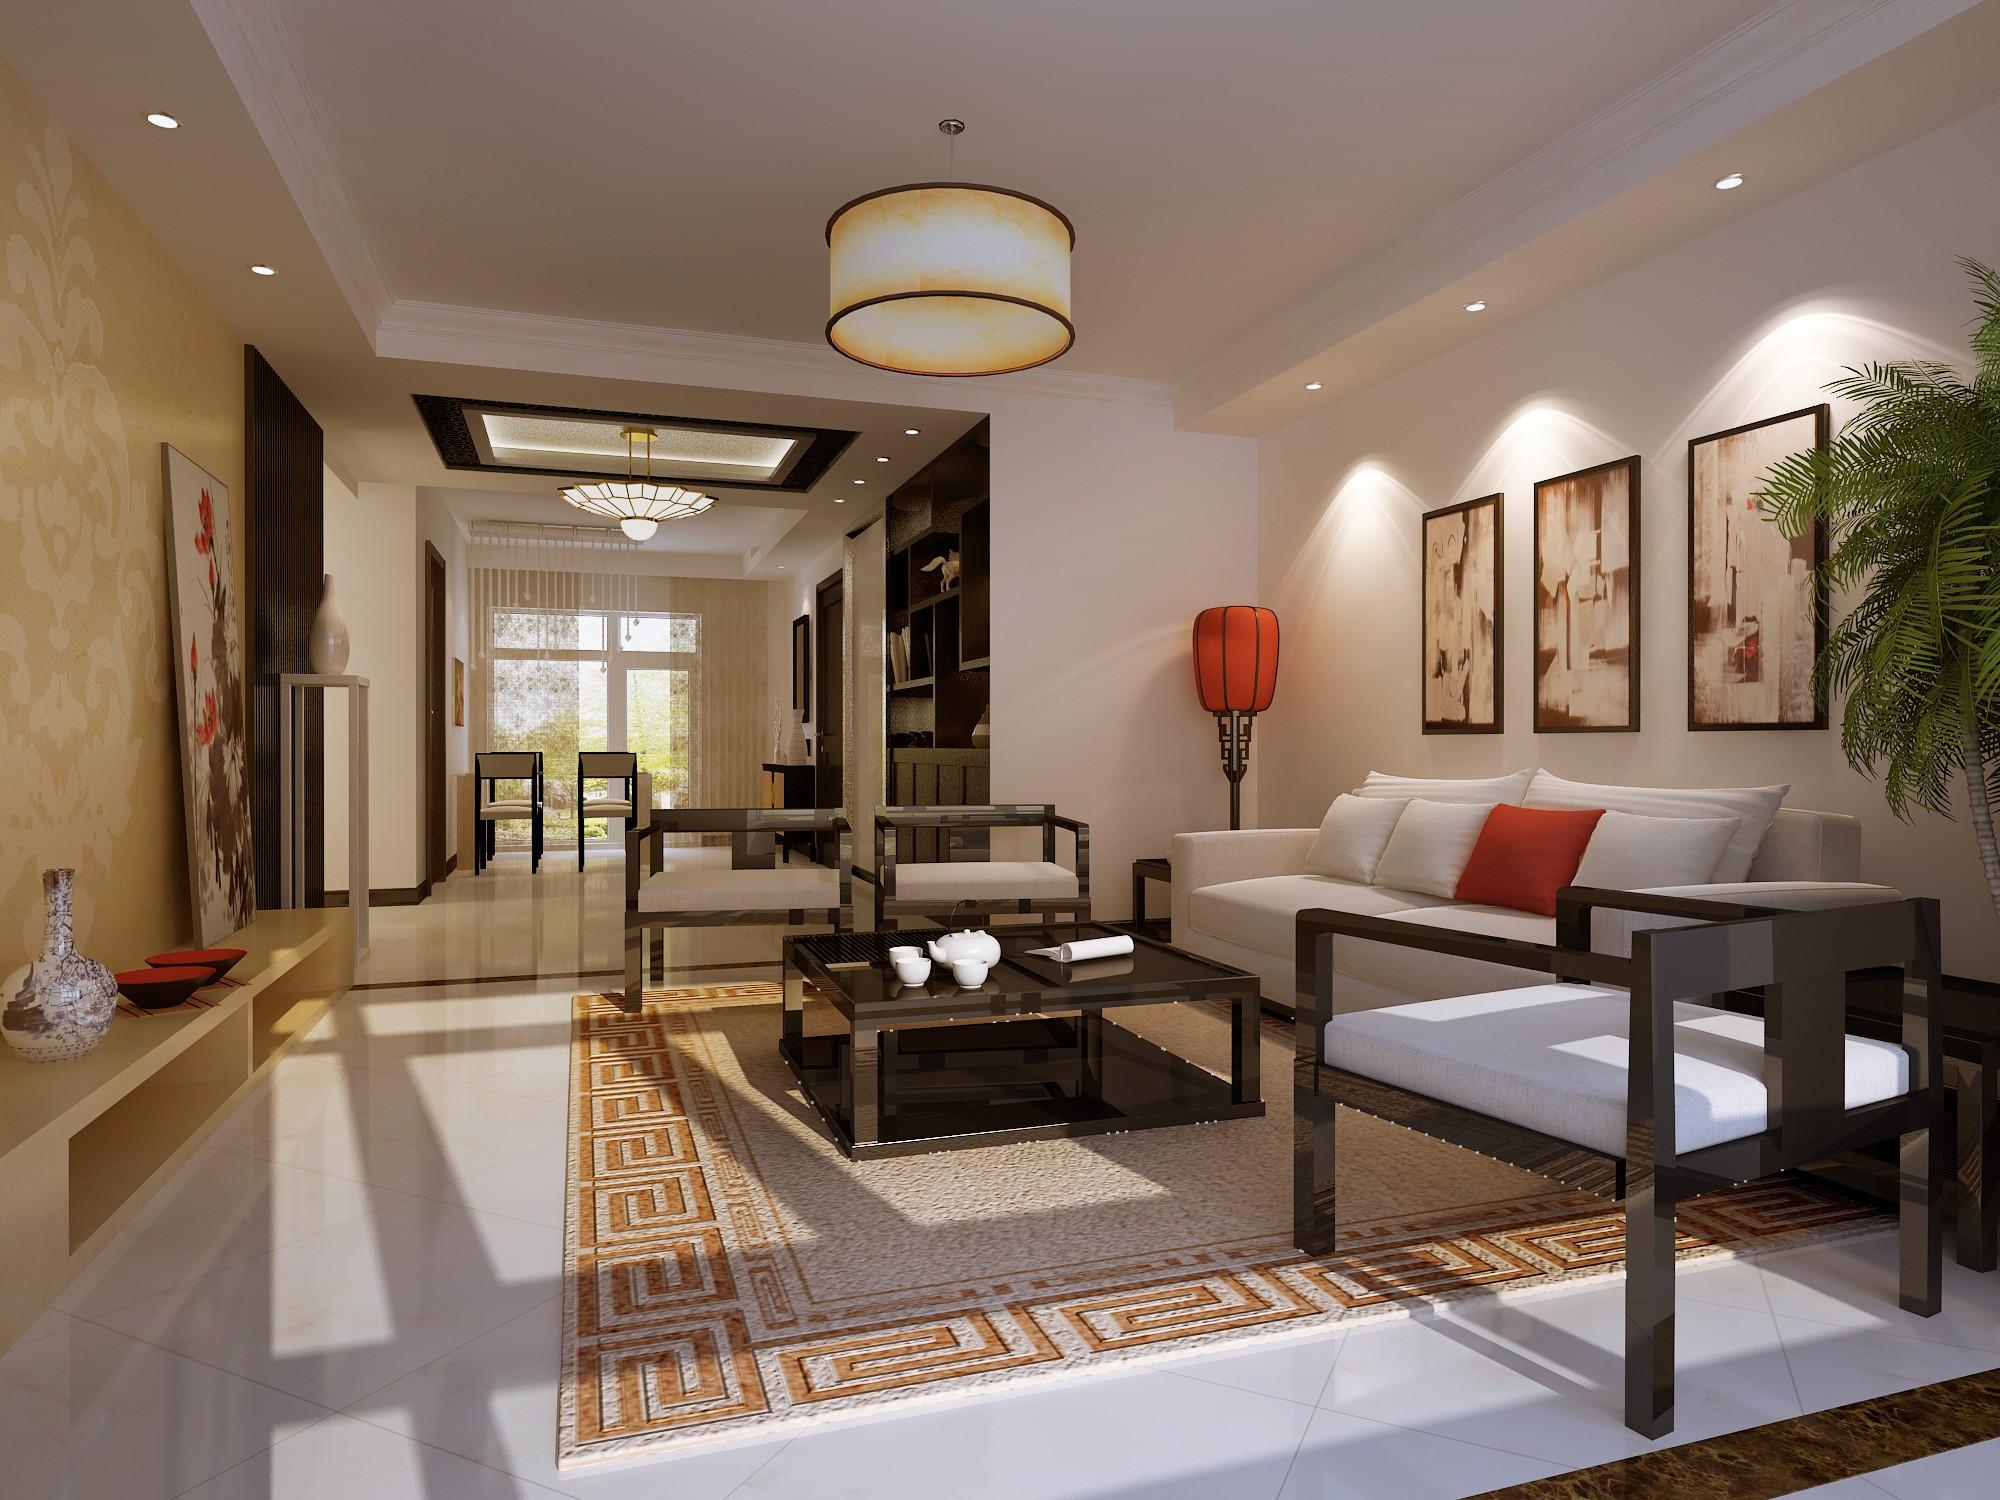 室内设计风格有几种_齐家网